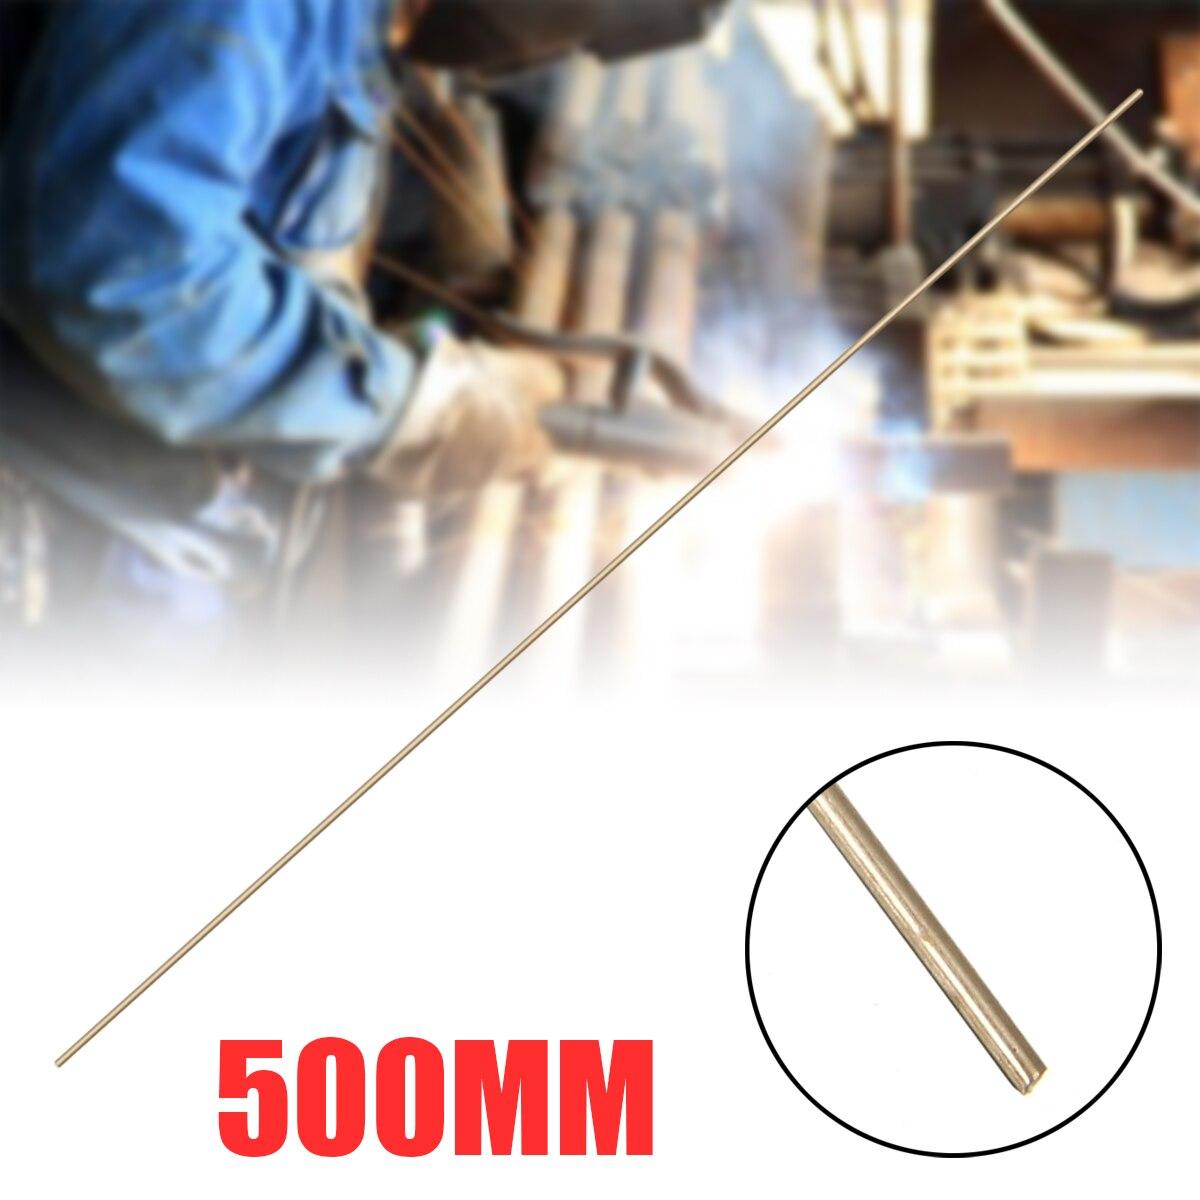 Haste de Solda para Fontes de Solda Prata Diâmetro Baseado 500mm 1.5mm 56%